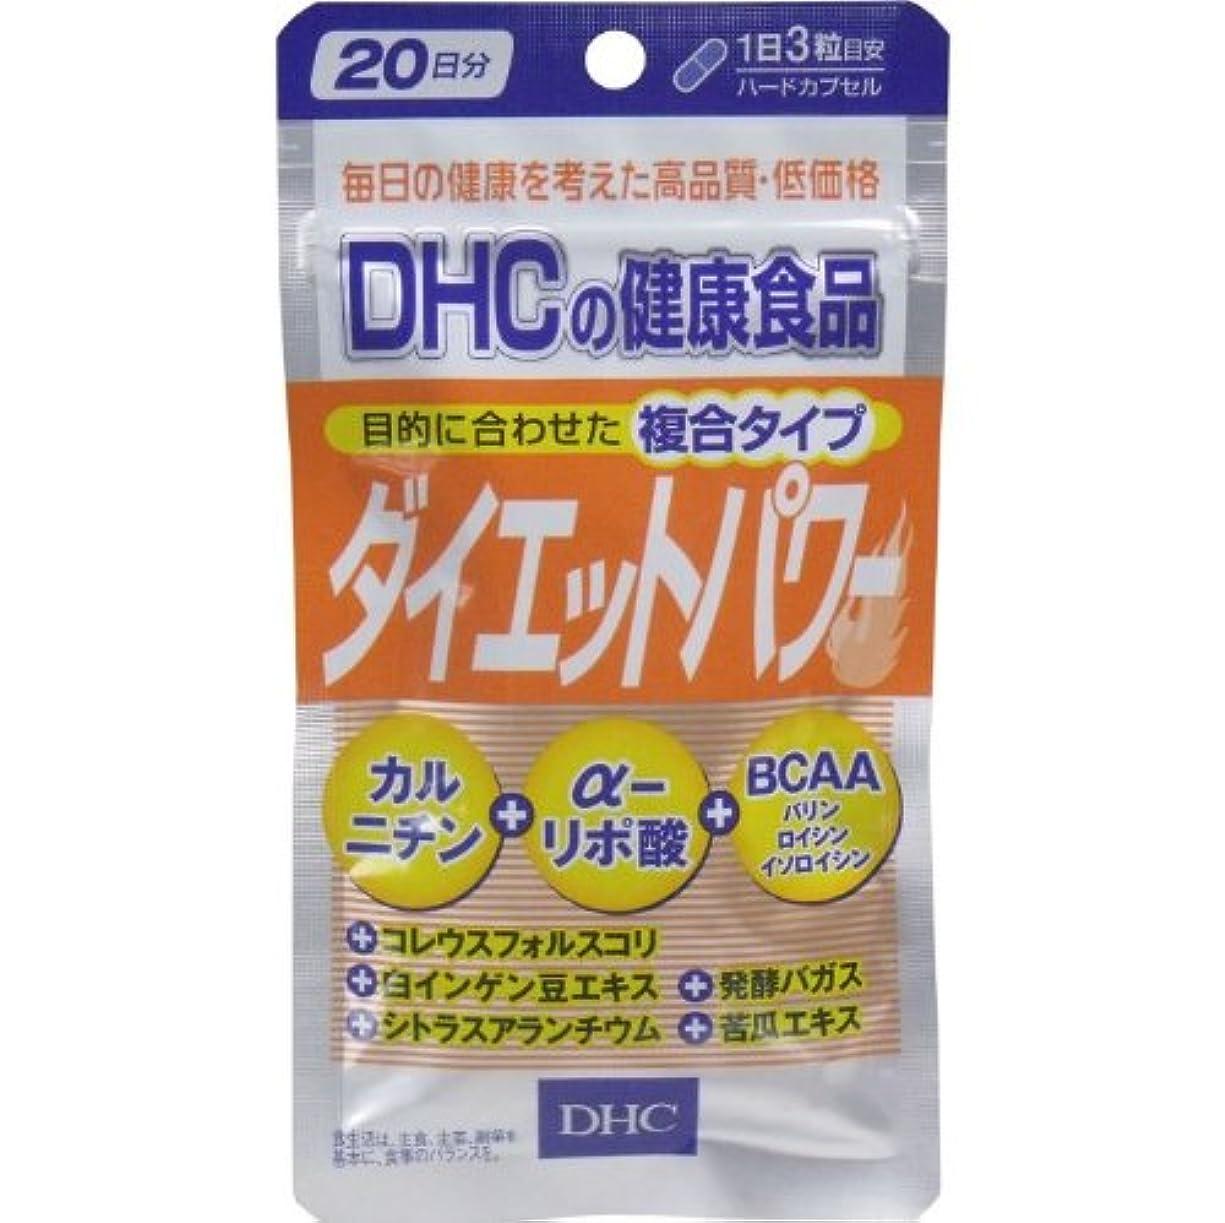 不和失望させる独立してDHC ダイエットパワー 60粒入 20日分「3点セット」